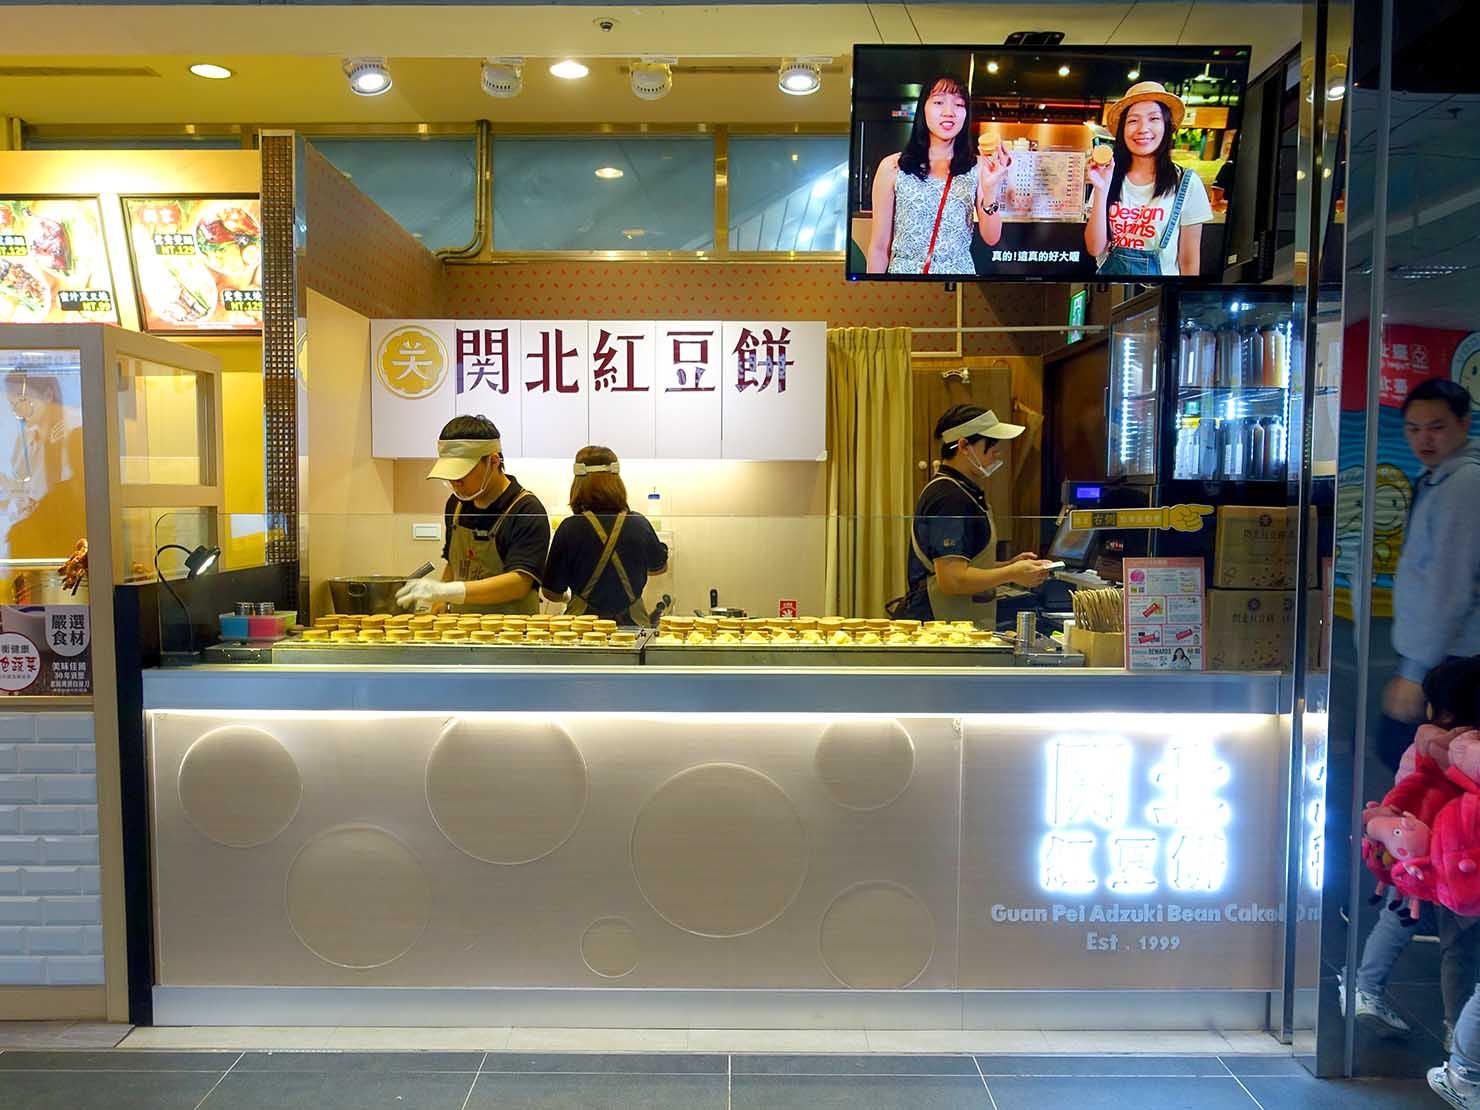 台北駅駅ナカ(車站大廳)のおすすめグルメ店「關北紅豆餅」の外観